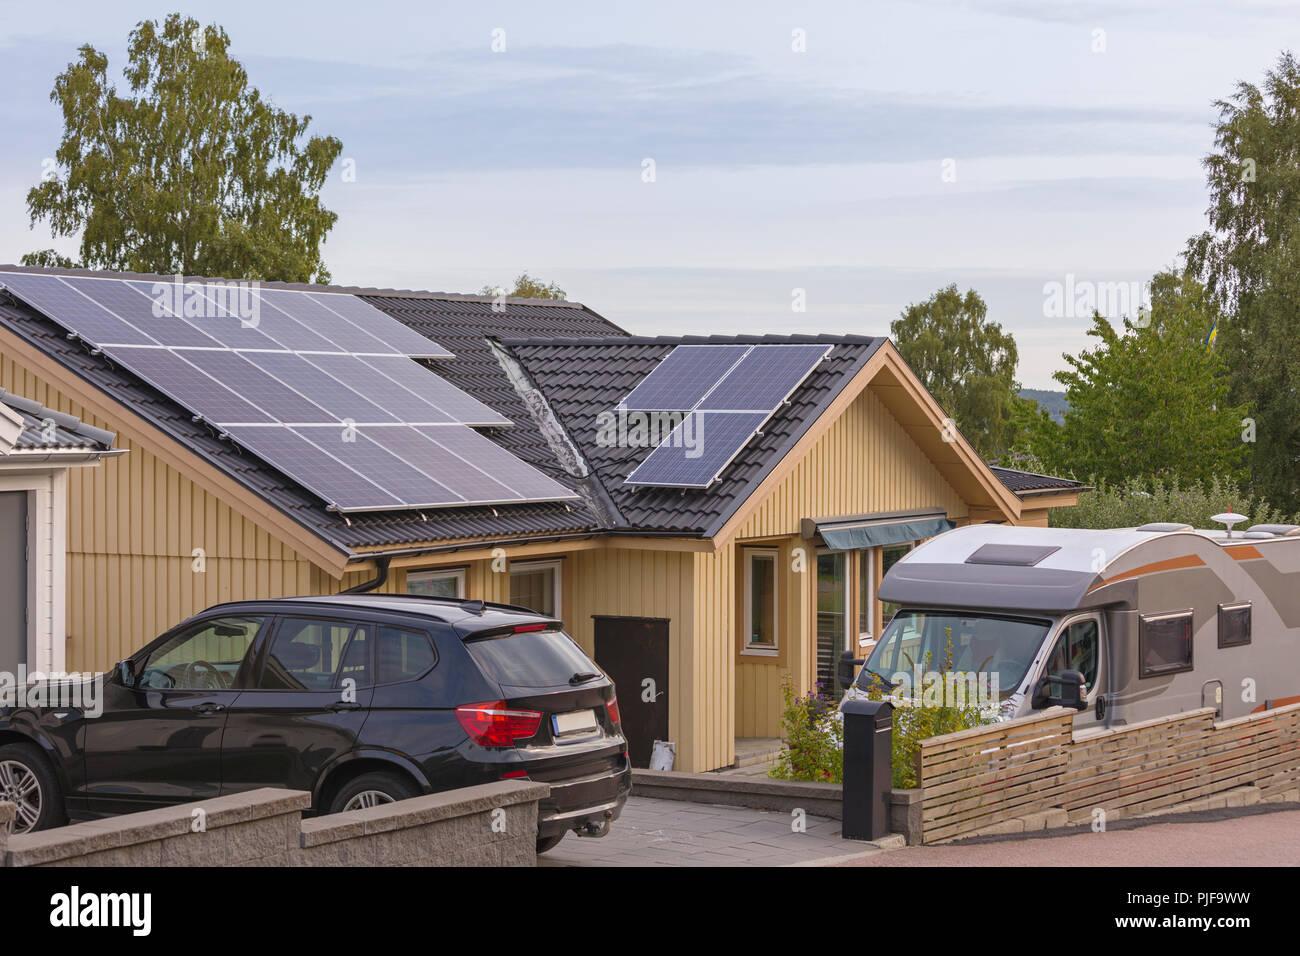 Paneles solares en la parte superior de tejas en típico sueco o escandinavo casa de paneles de madera Imagen De Stock